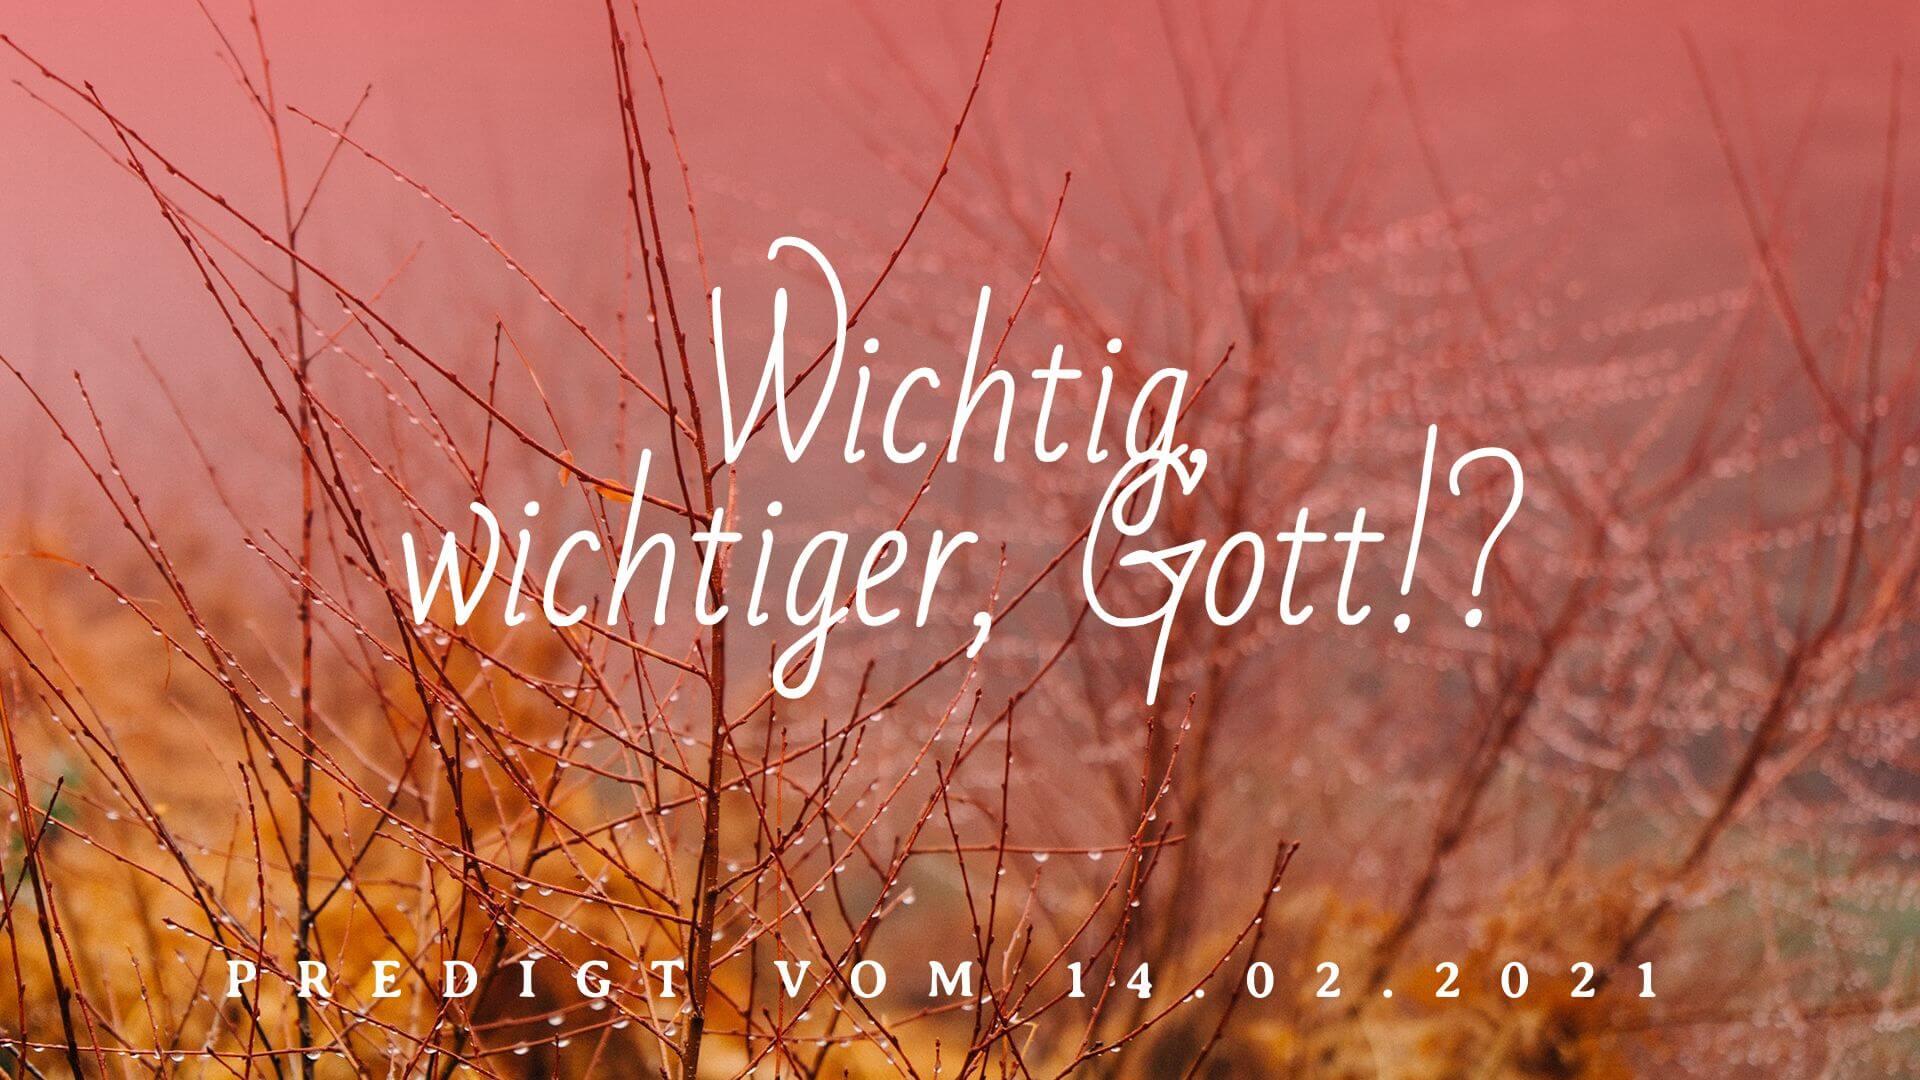 Wichtig, wichtiger, Gott!? Predigt vom 14.02.2021